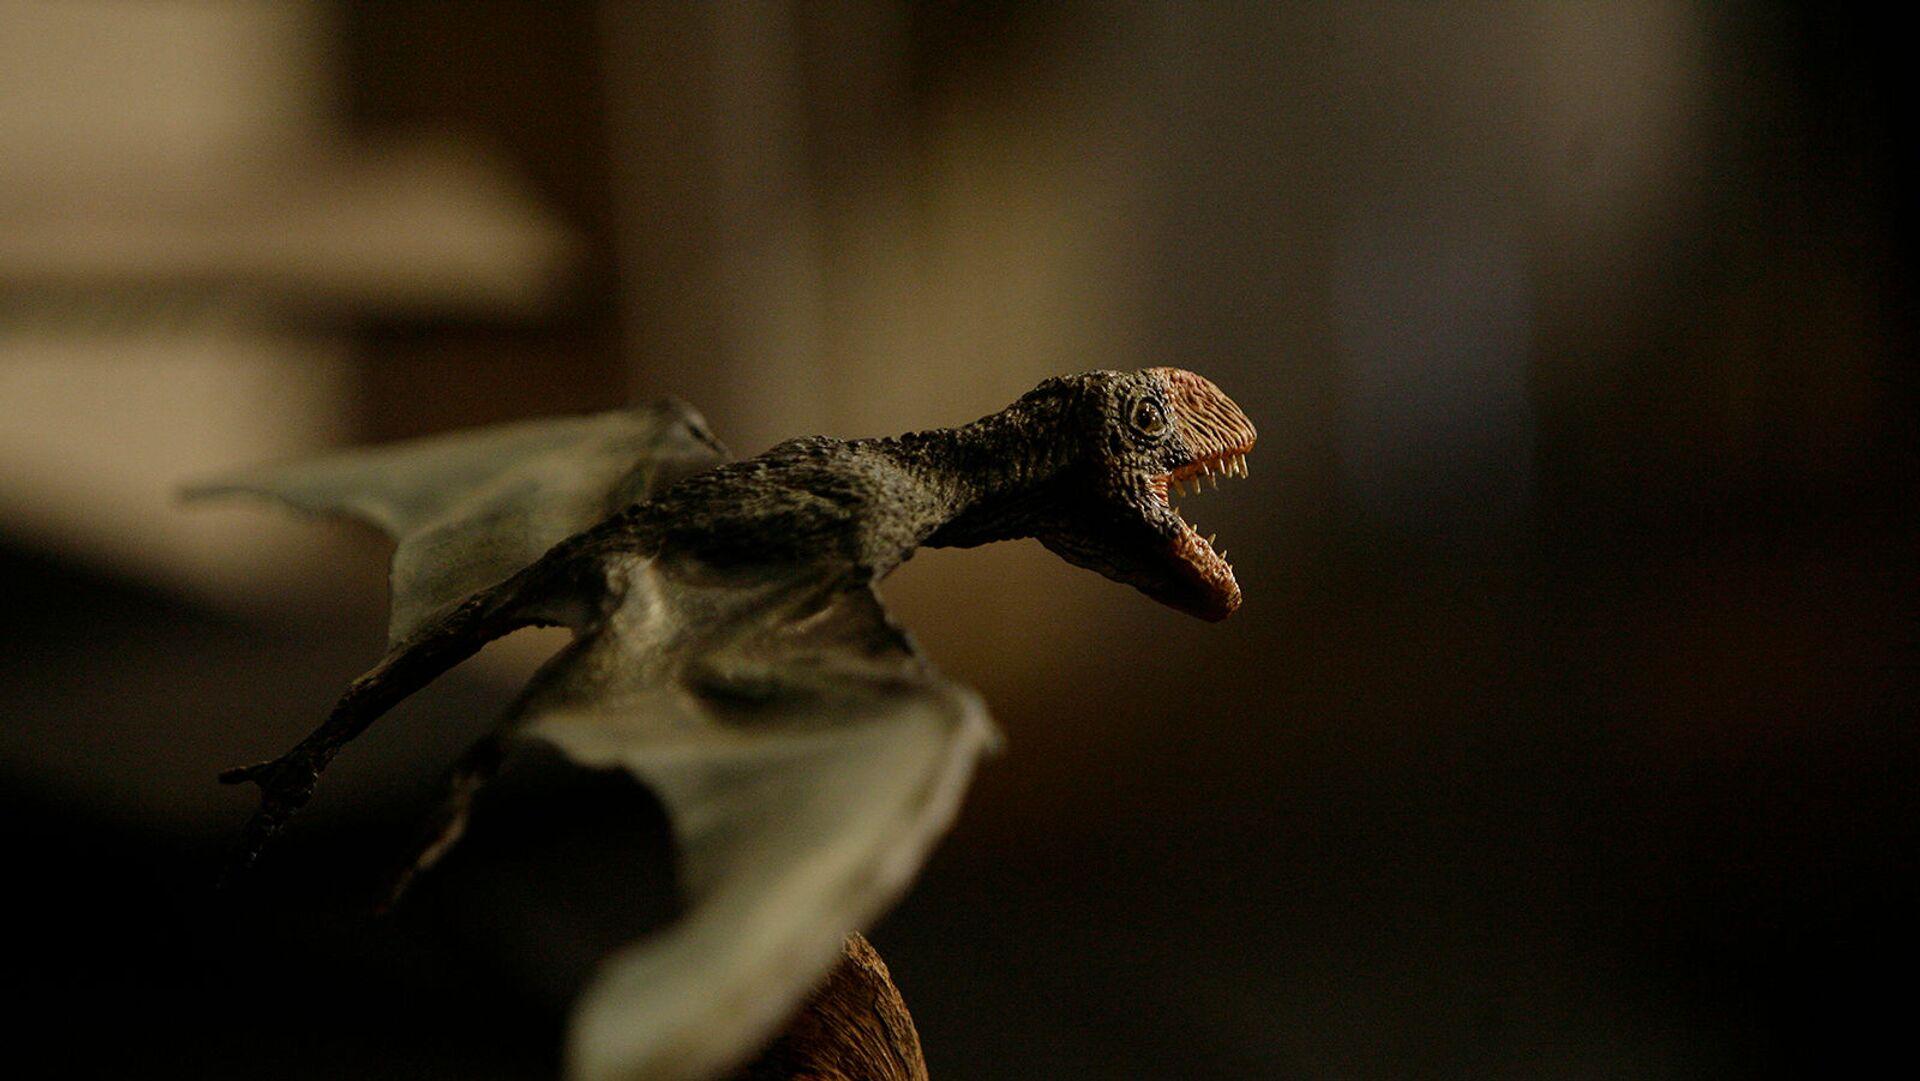 Точная копия птерозавра, или летающей рептилии в Национальном музее Рио-де-Жанейро - Sputnik Армения, 1920, 26.08.2021